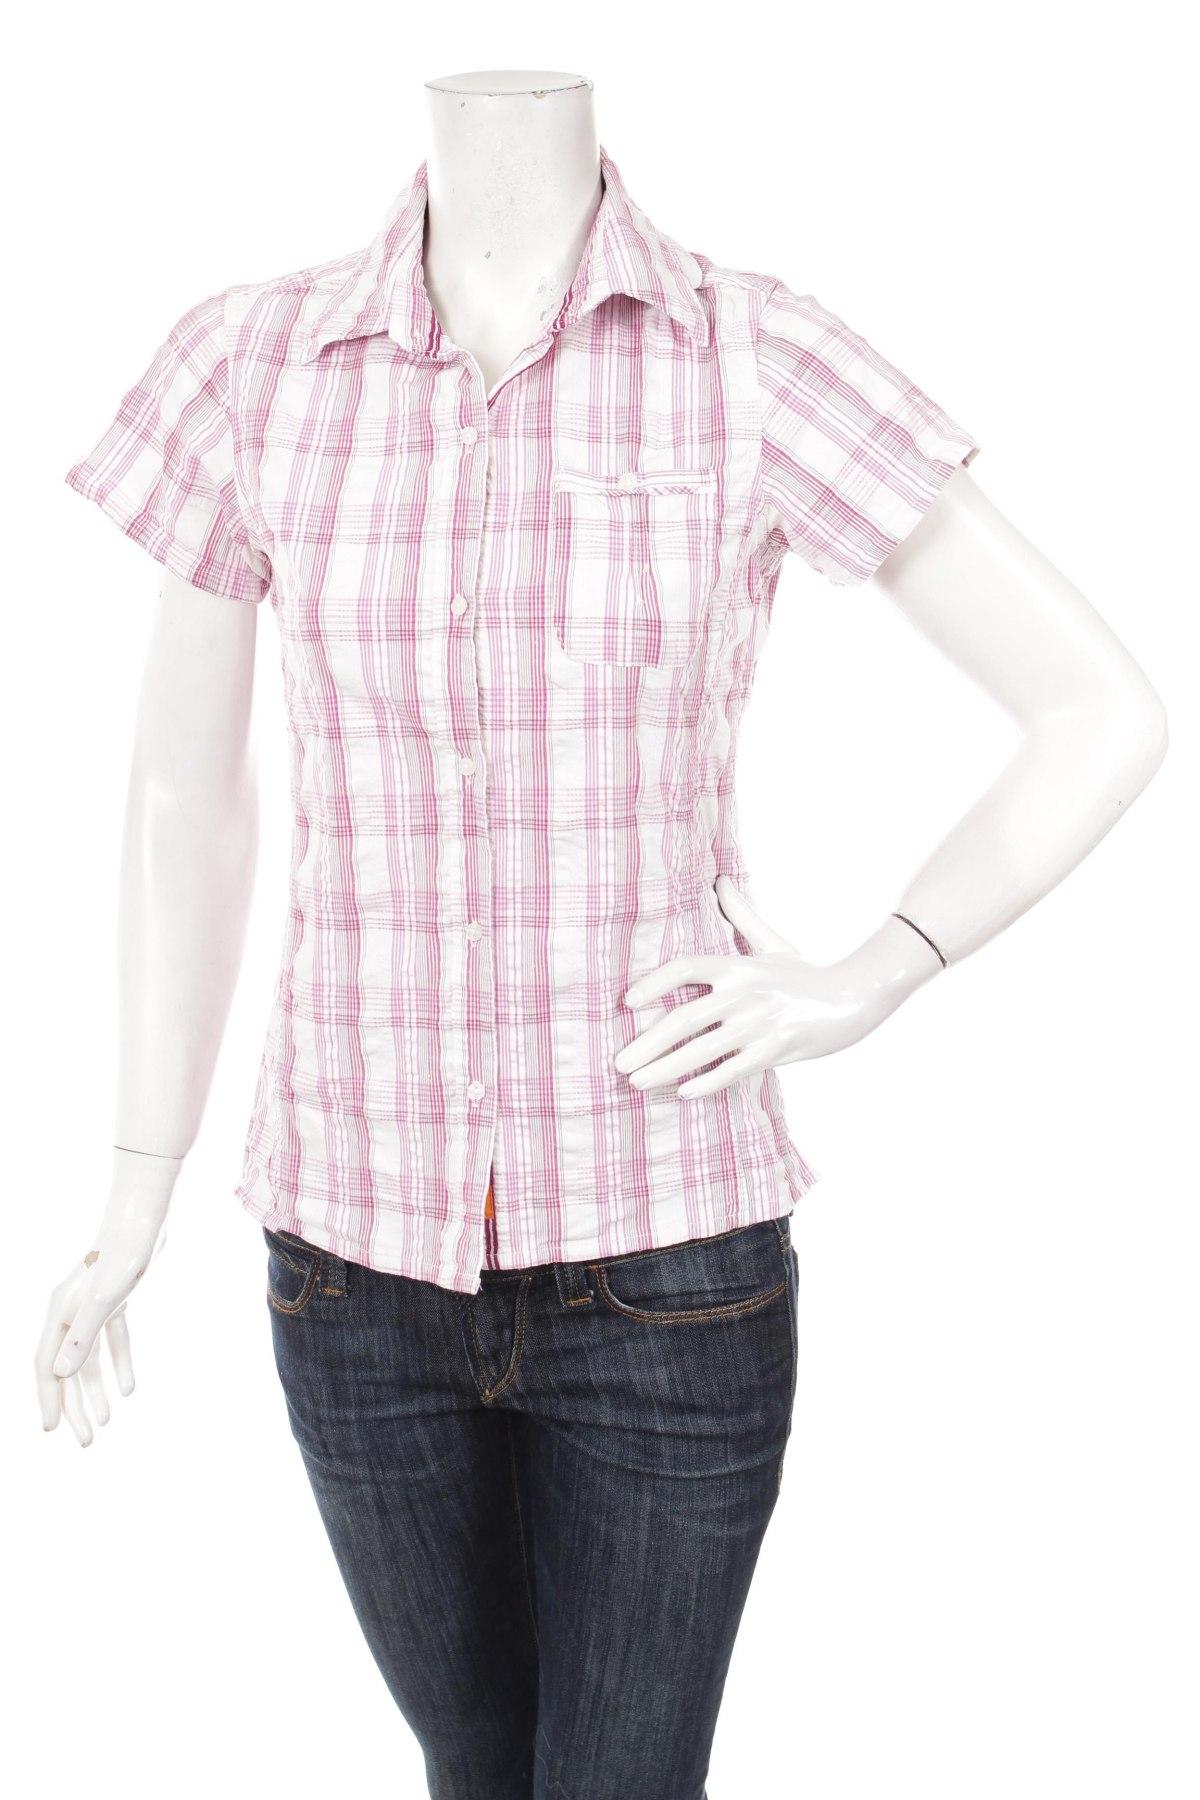 Γυναικείο πουκάμισο Karrimor